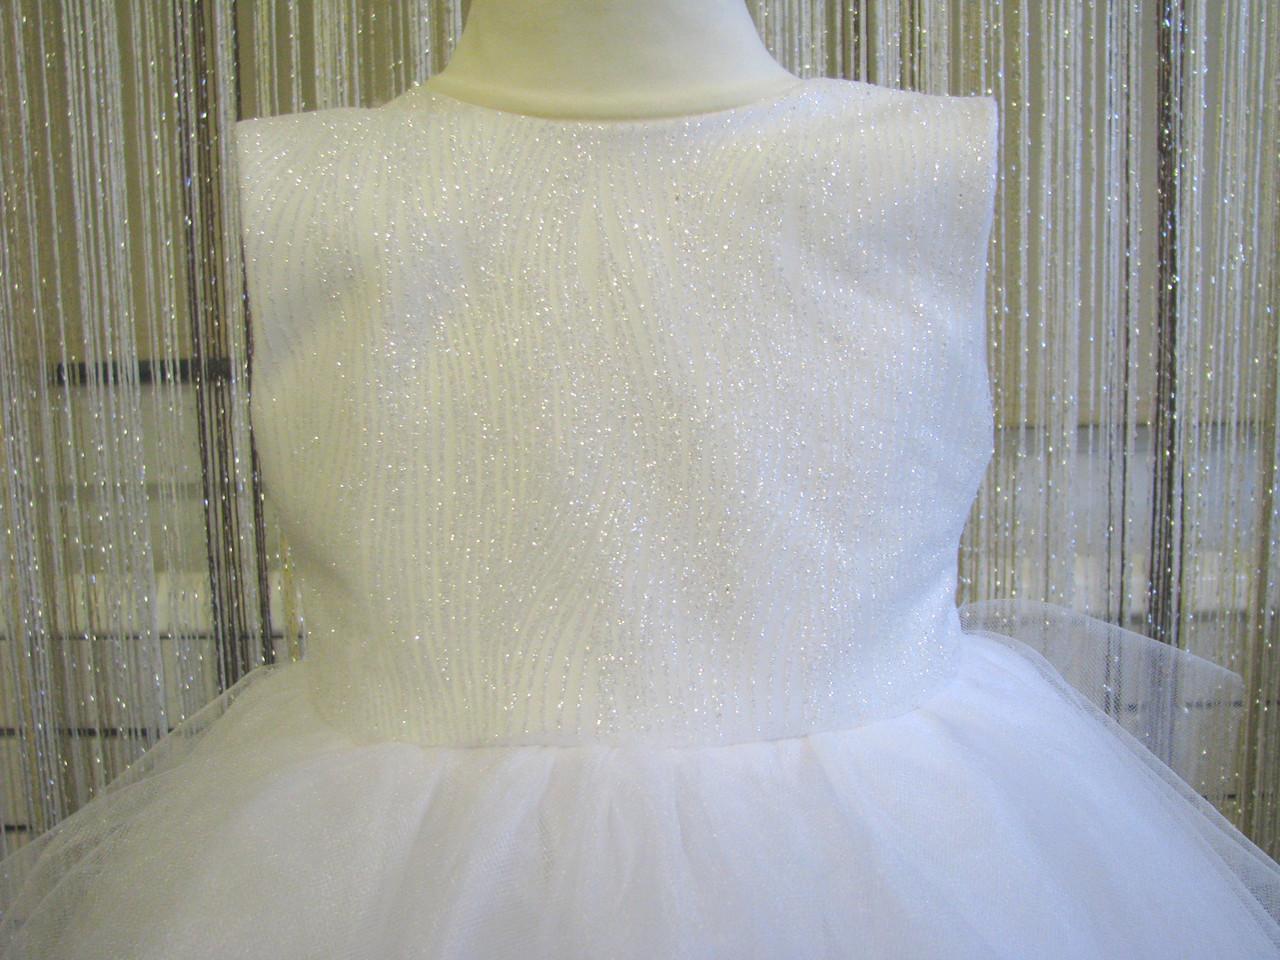 1647b7462deefc2 Детское платье. Прокат, продажа, пошив. Белое платье для девочки ...